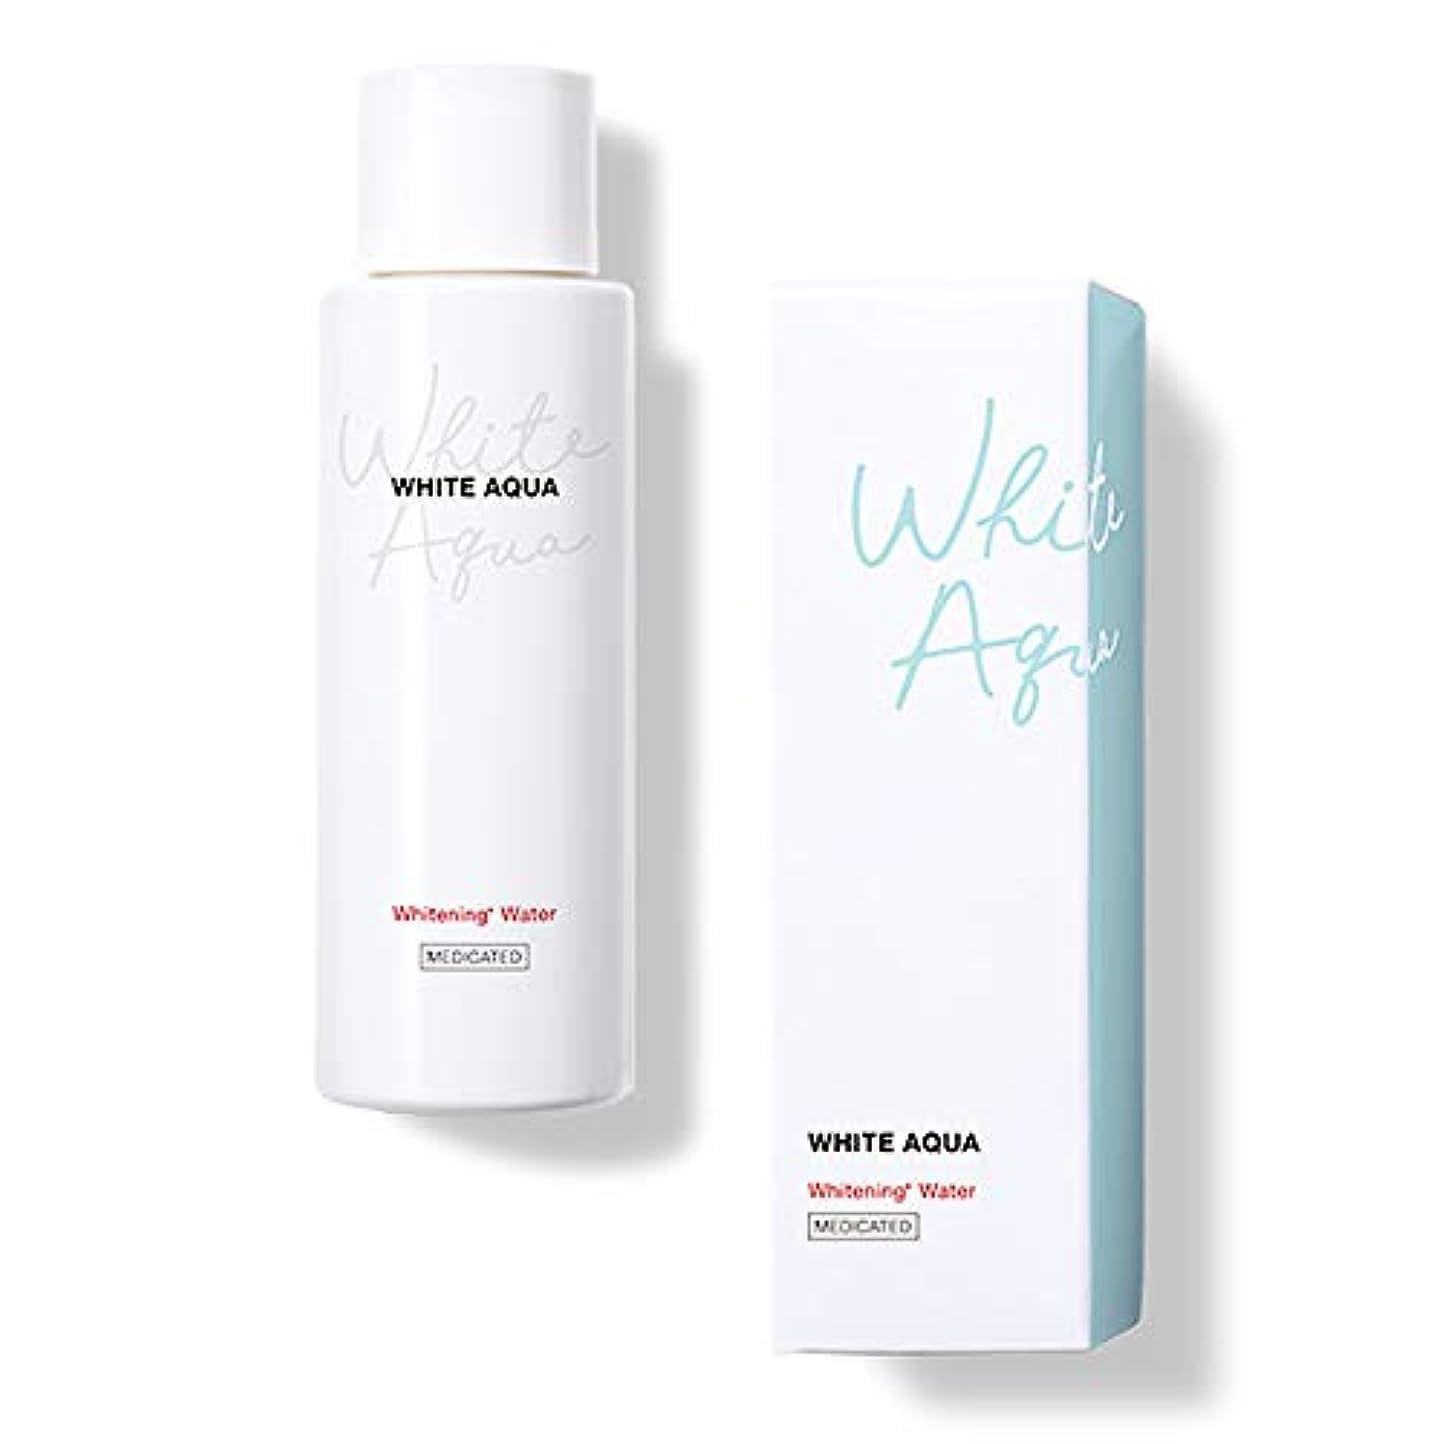 周囲降ろす雄弁ホワイトアクア WHITE AQUA 薬用美白水